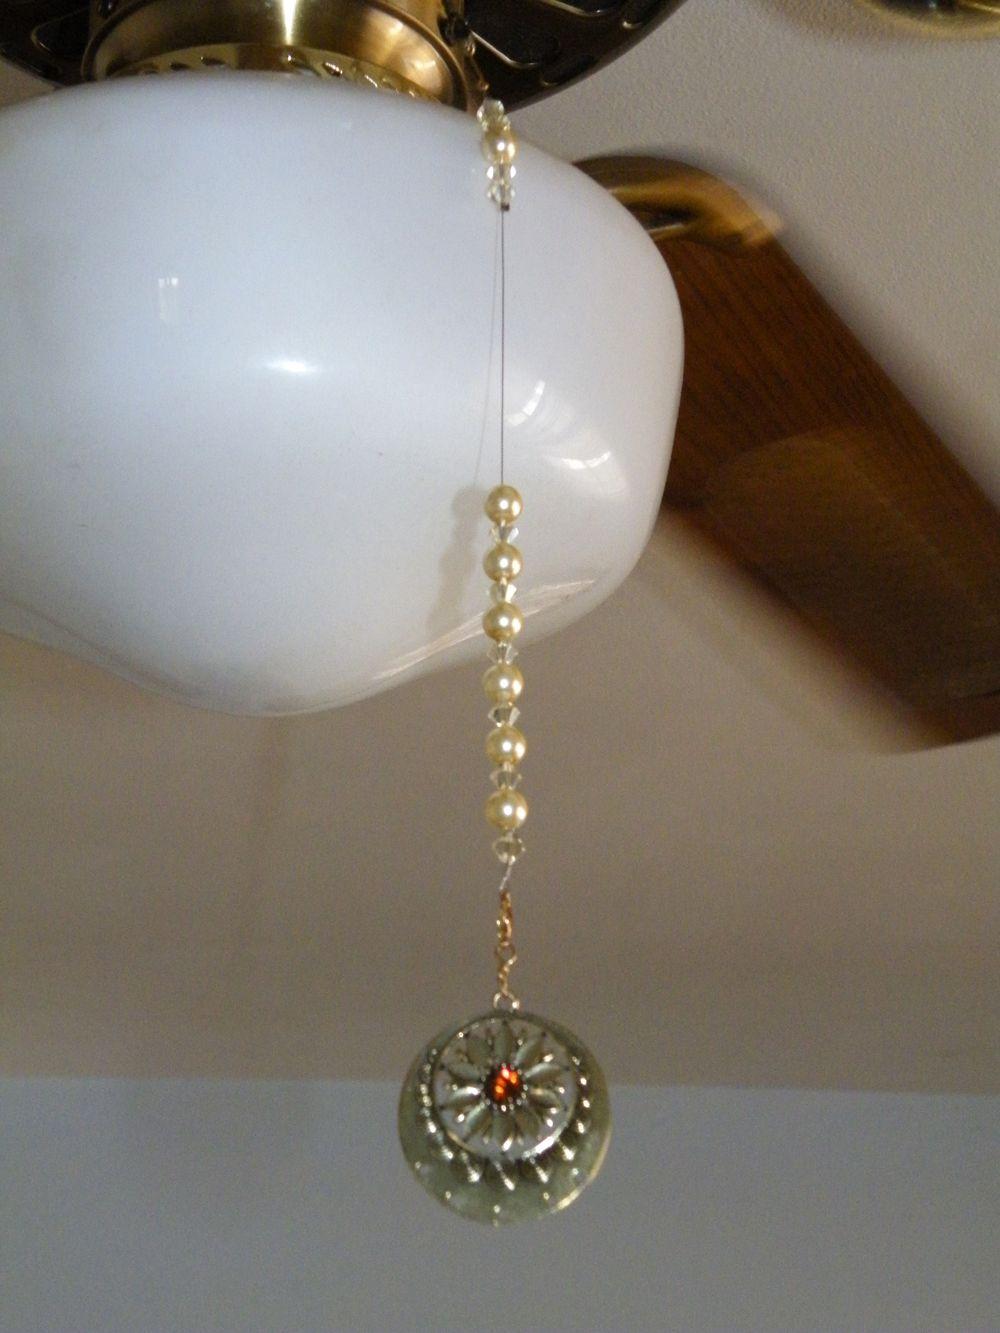 Fan Pull Using Beads Ceiling Fan Light Pulls Fan Pulls Diy Monthly Crafts